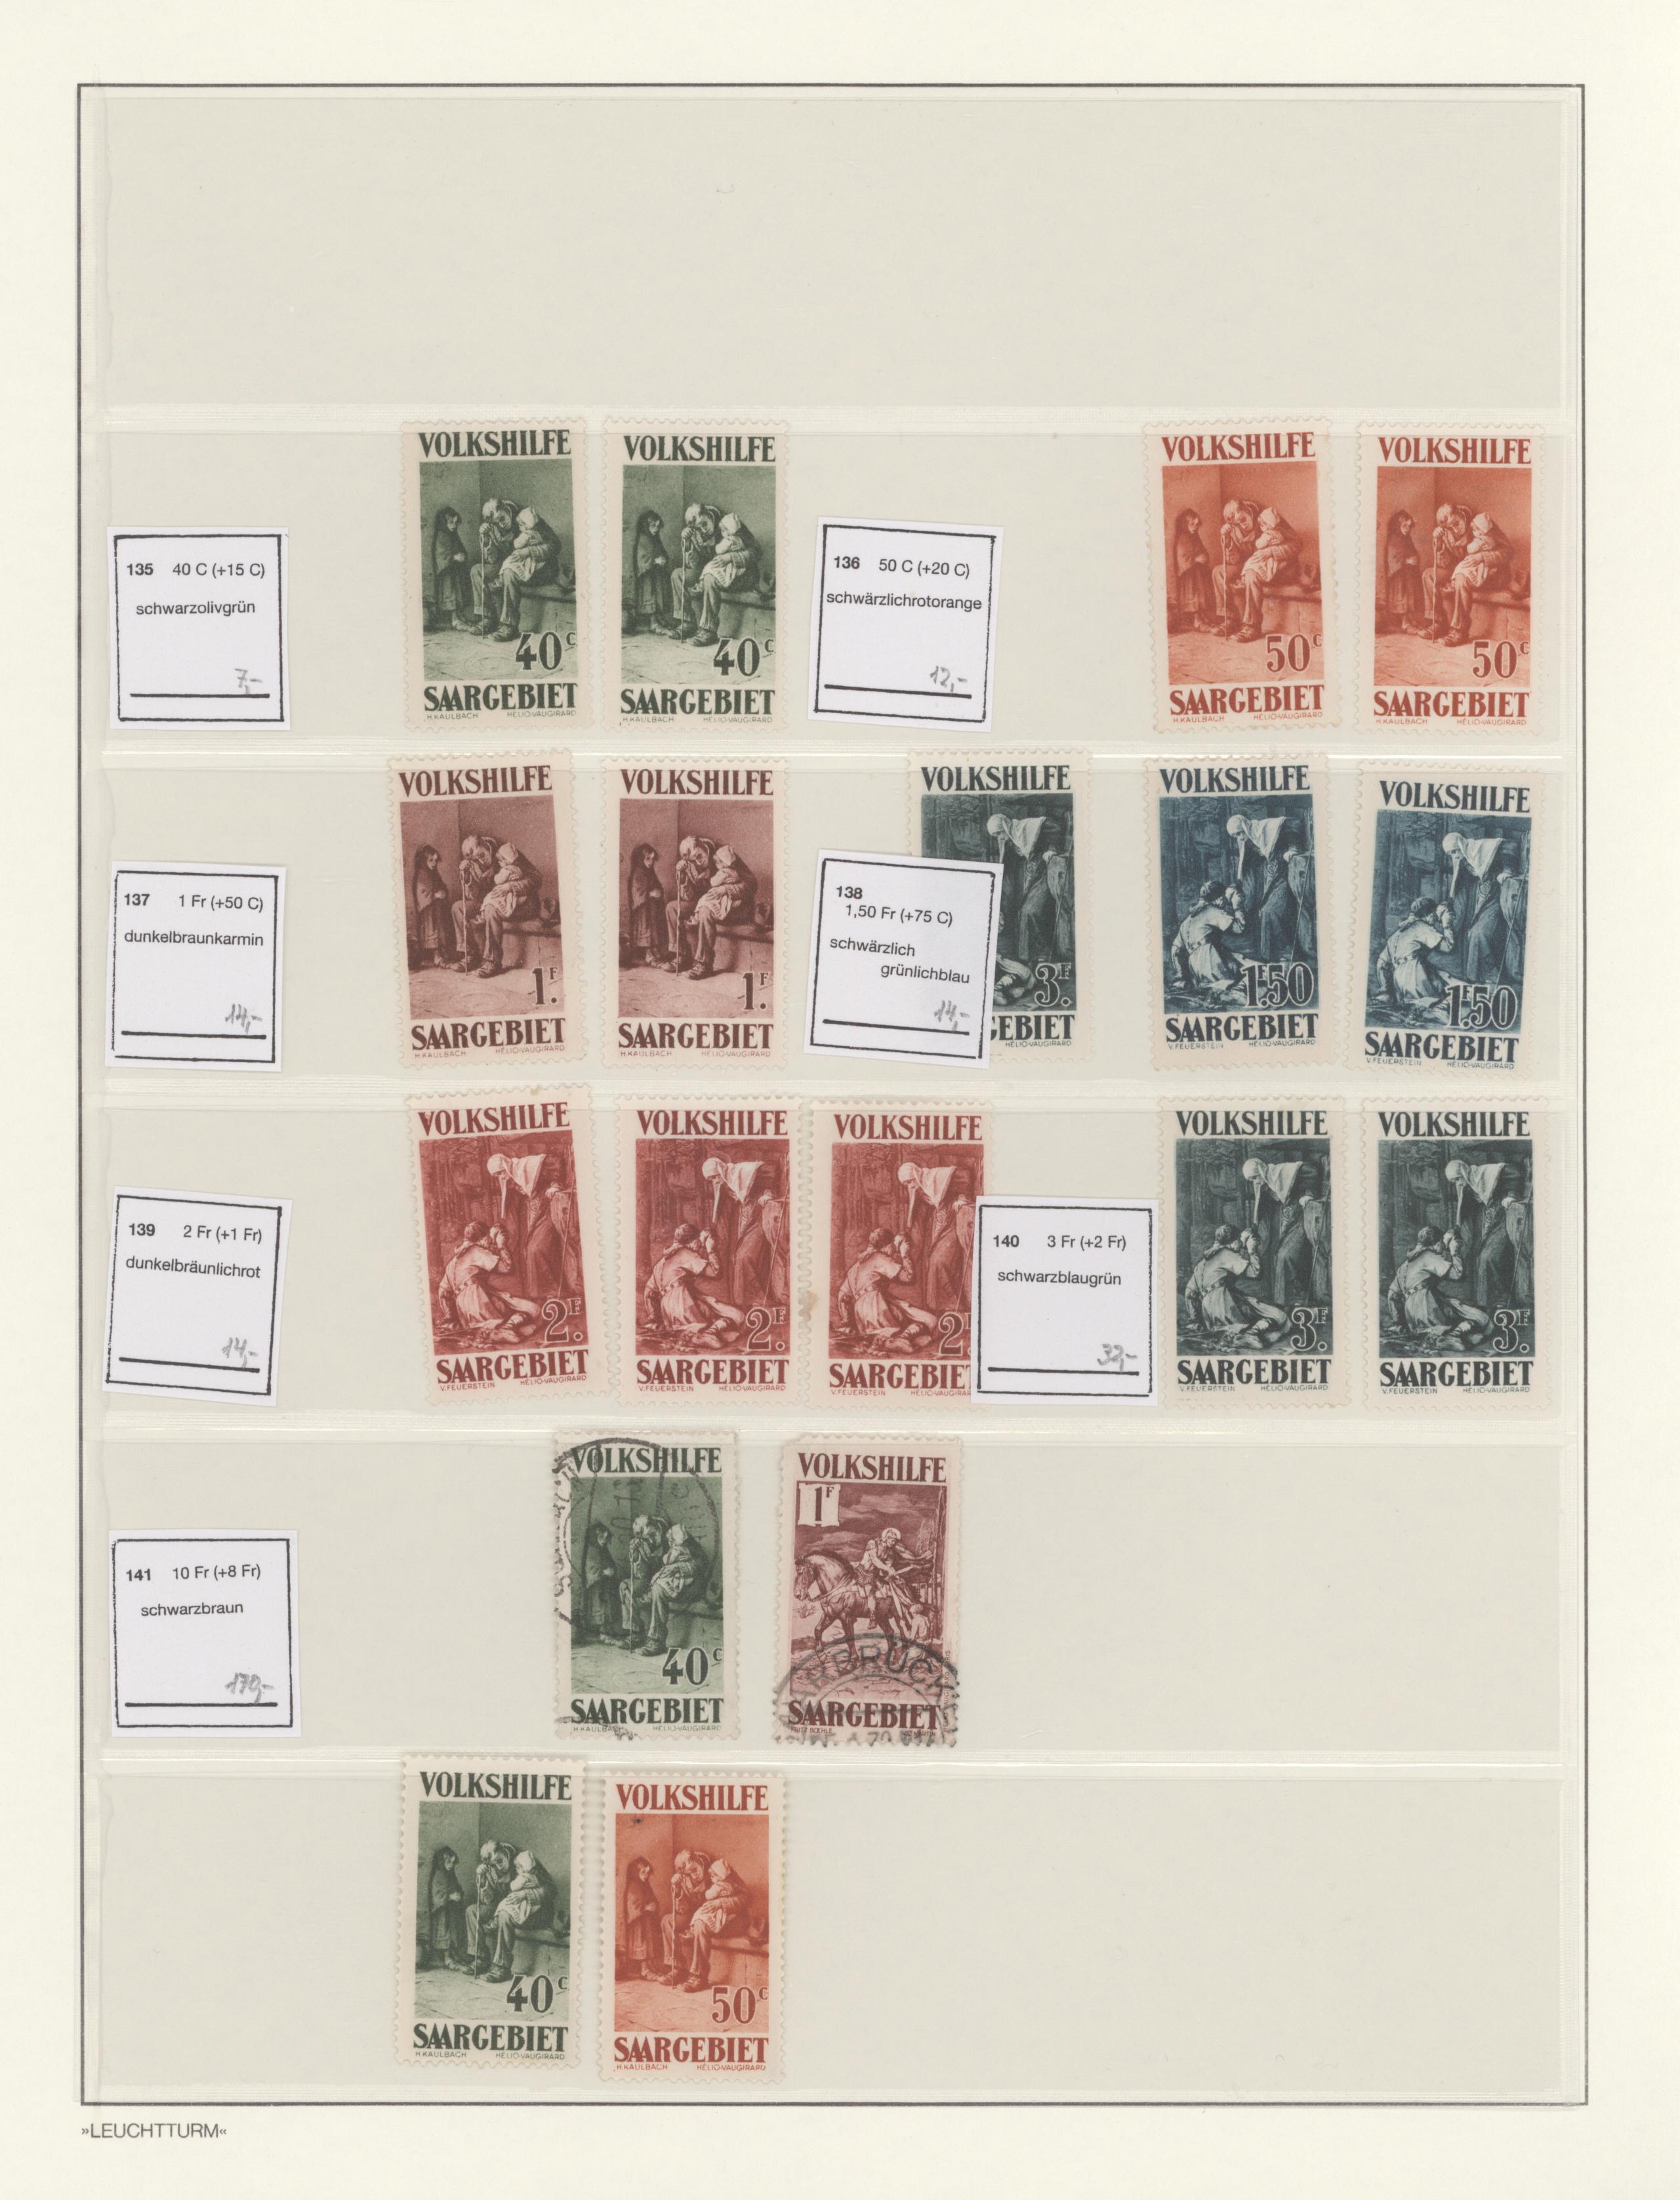 Lot 14753 - Deutsche Abstimmungsgebiete: Saargebiet  -  Auktionshaus Christoph Gärtner GmbH & Co. KG 51th Auction - Day 5